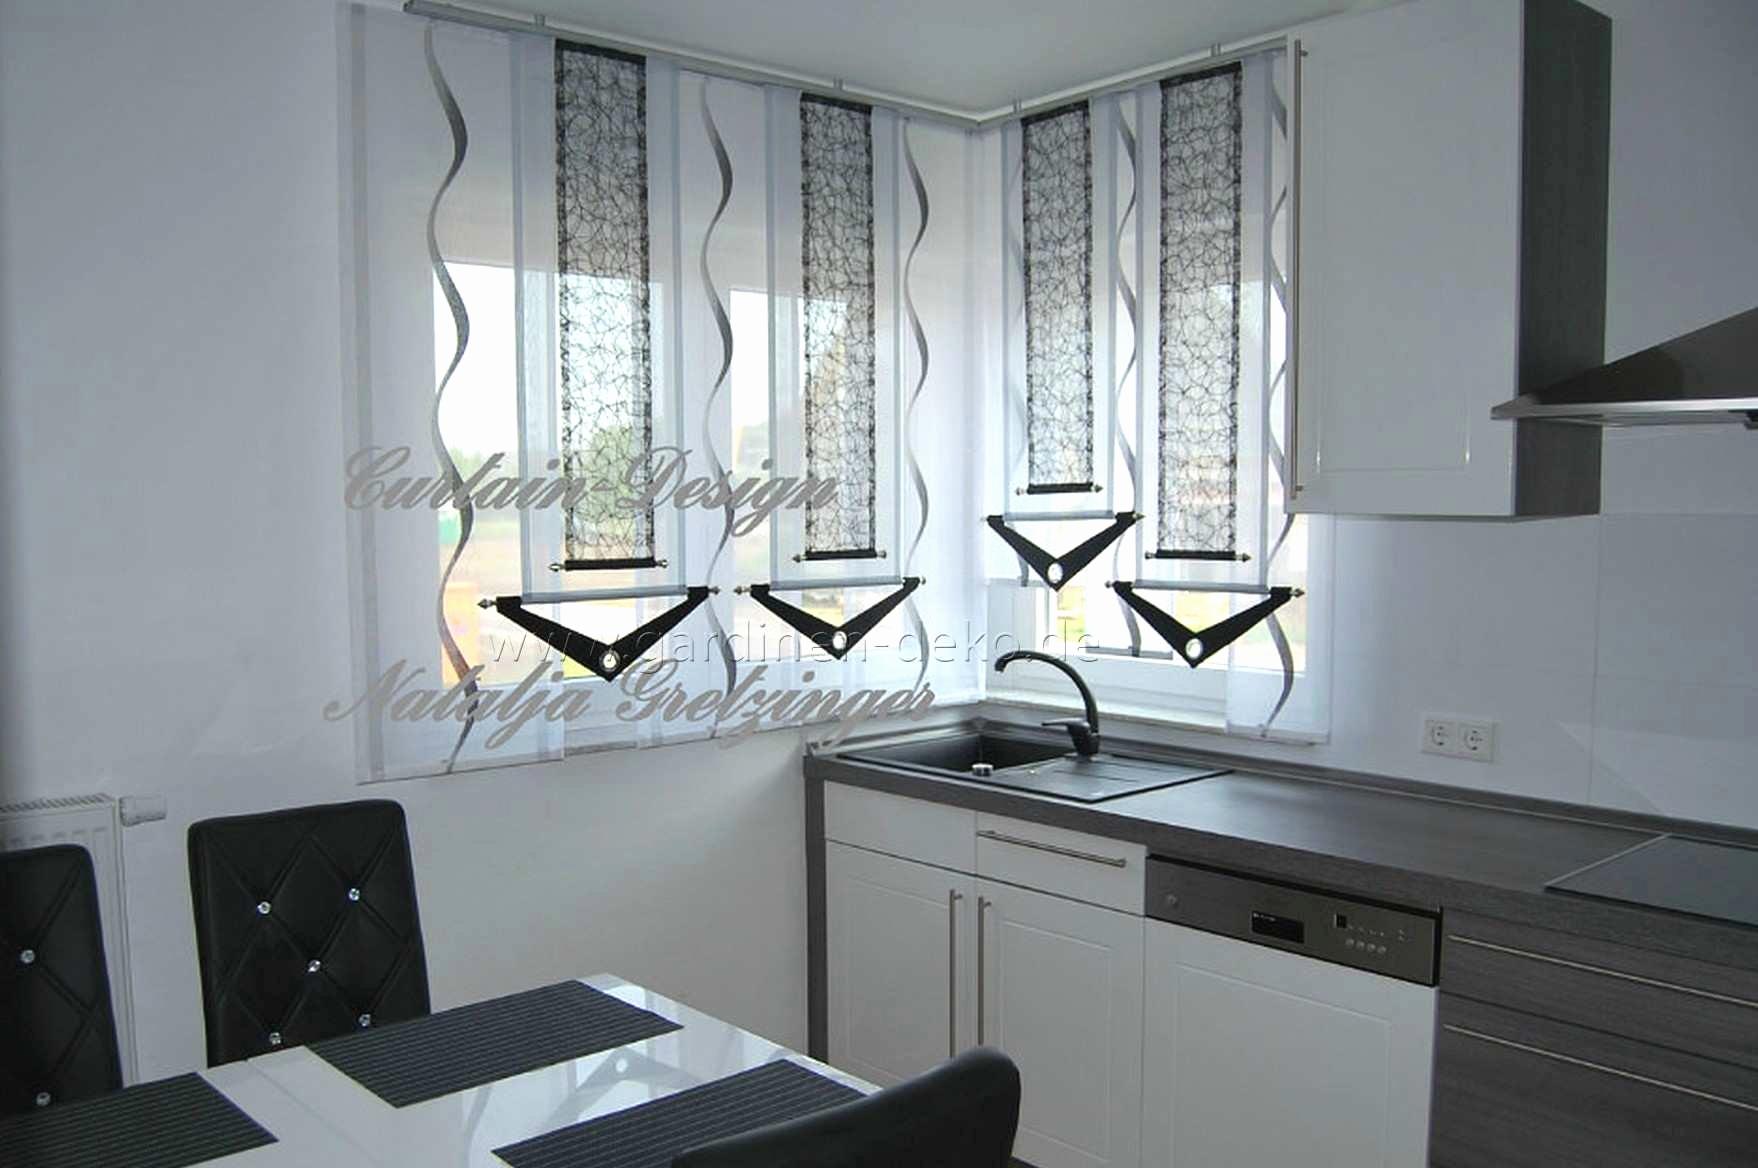 Full Size of Tipps Gardinen Wohnzimmer Schn Elegant Fenster Schlafzimmer Für Die Küche Scheibengardinen Wohnzimmer Kurze Gardinen